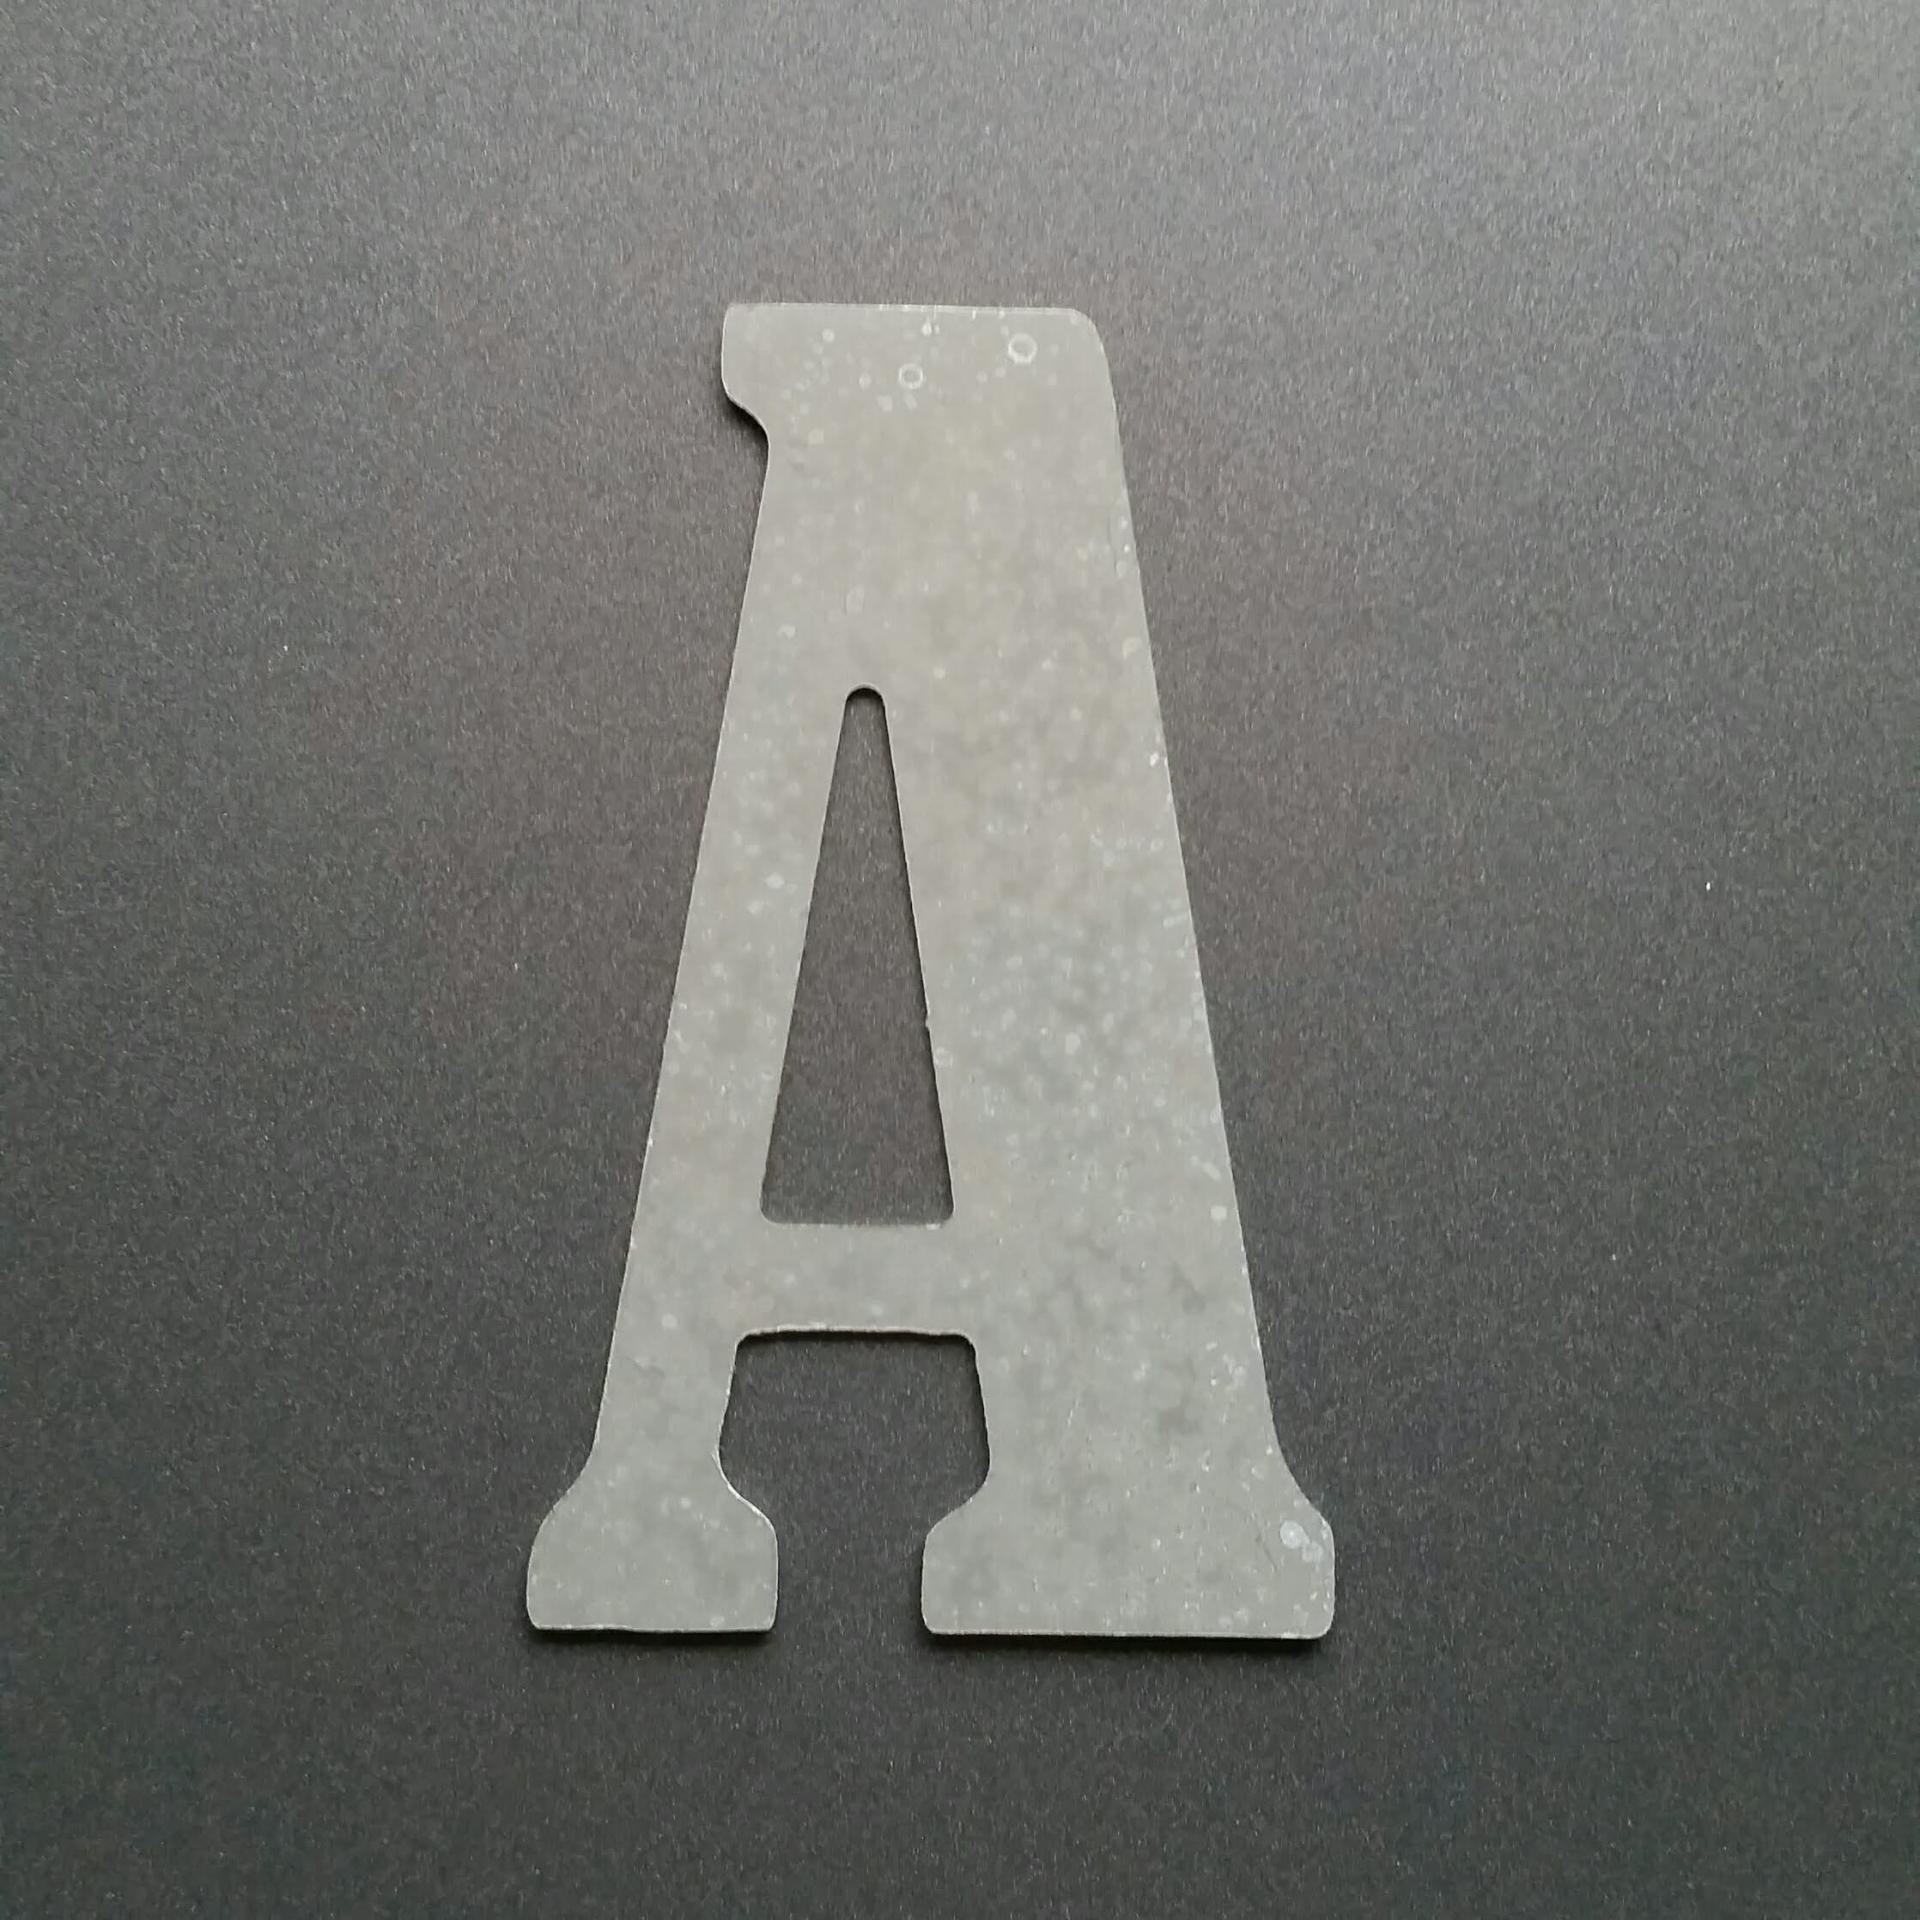 Lettre en zinc bernard condensed